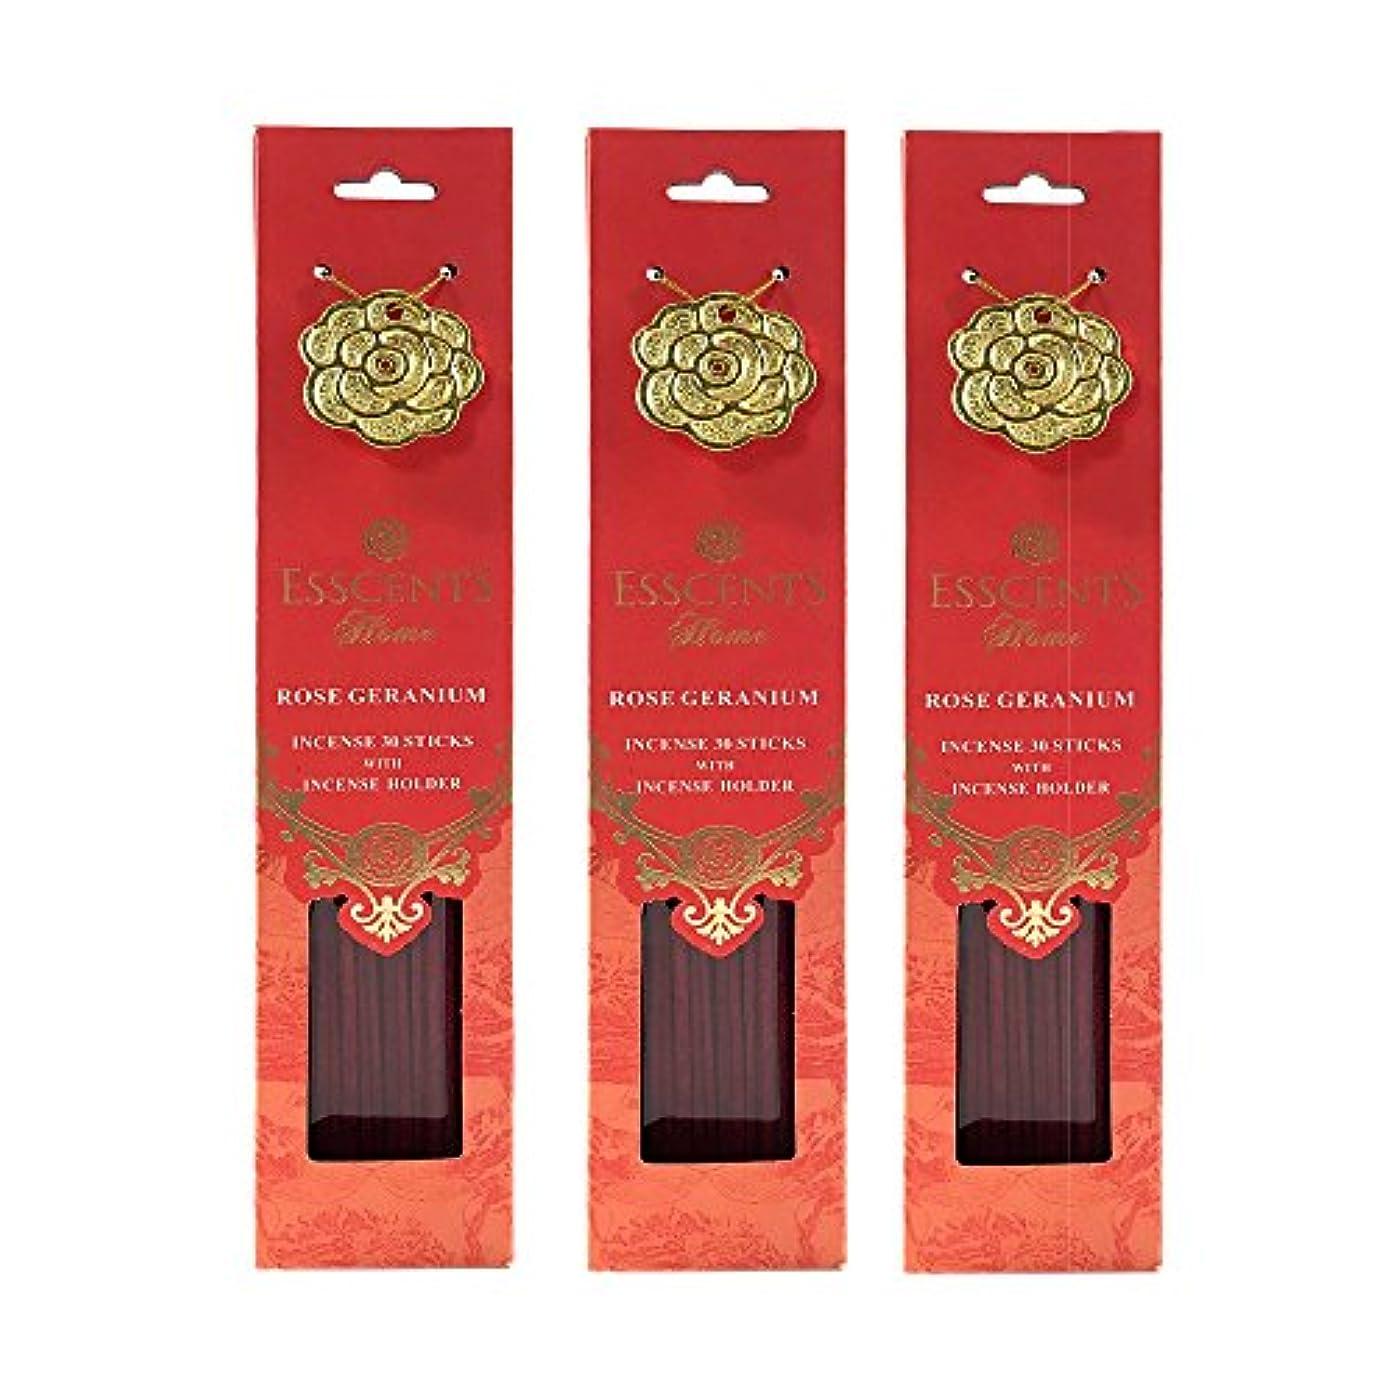 口頭要旨占めるEsscentsホーム90 SticksプレミアムIncense 3メタルIncenseホルダー付き – ローズゼラニウム